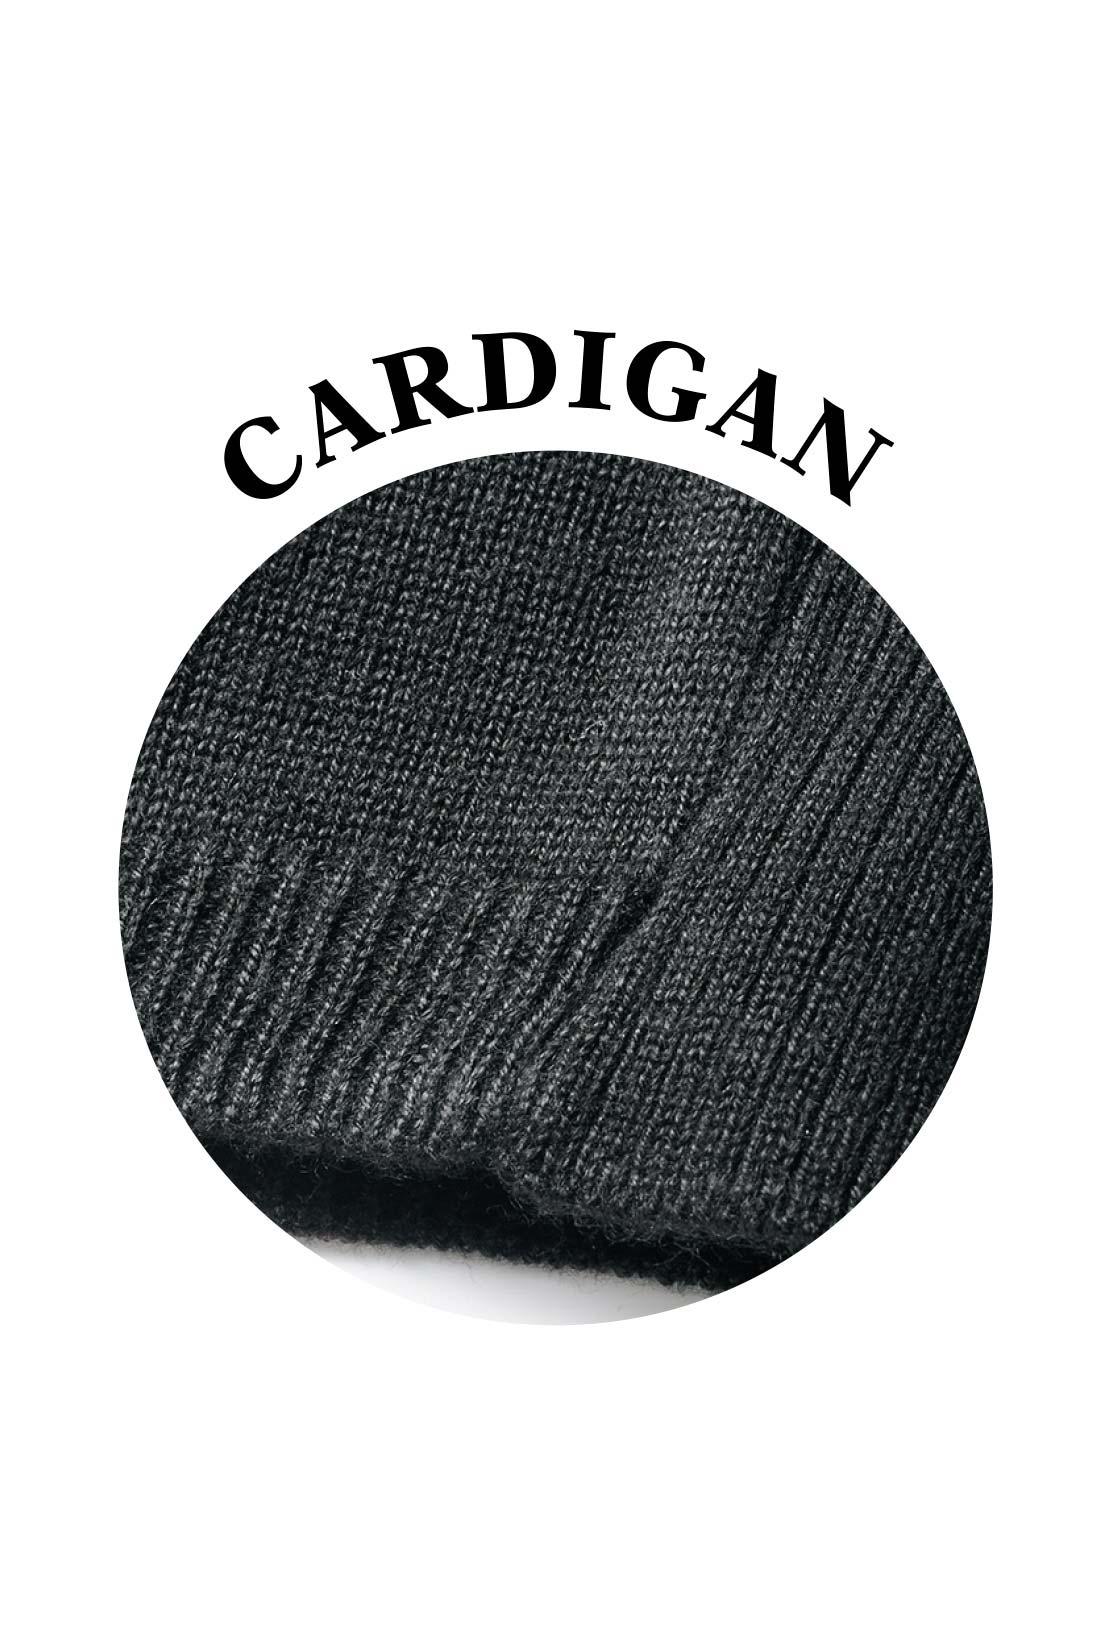 カーディガンはさらりと心地いい薄手素材。